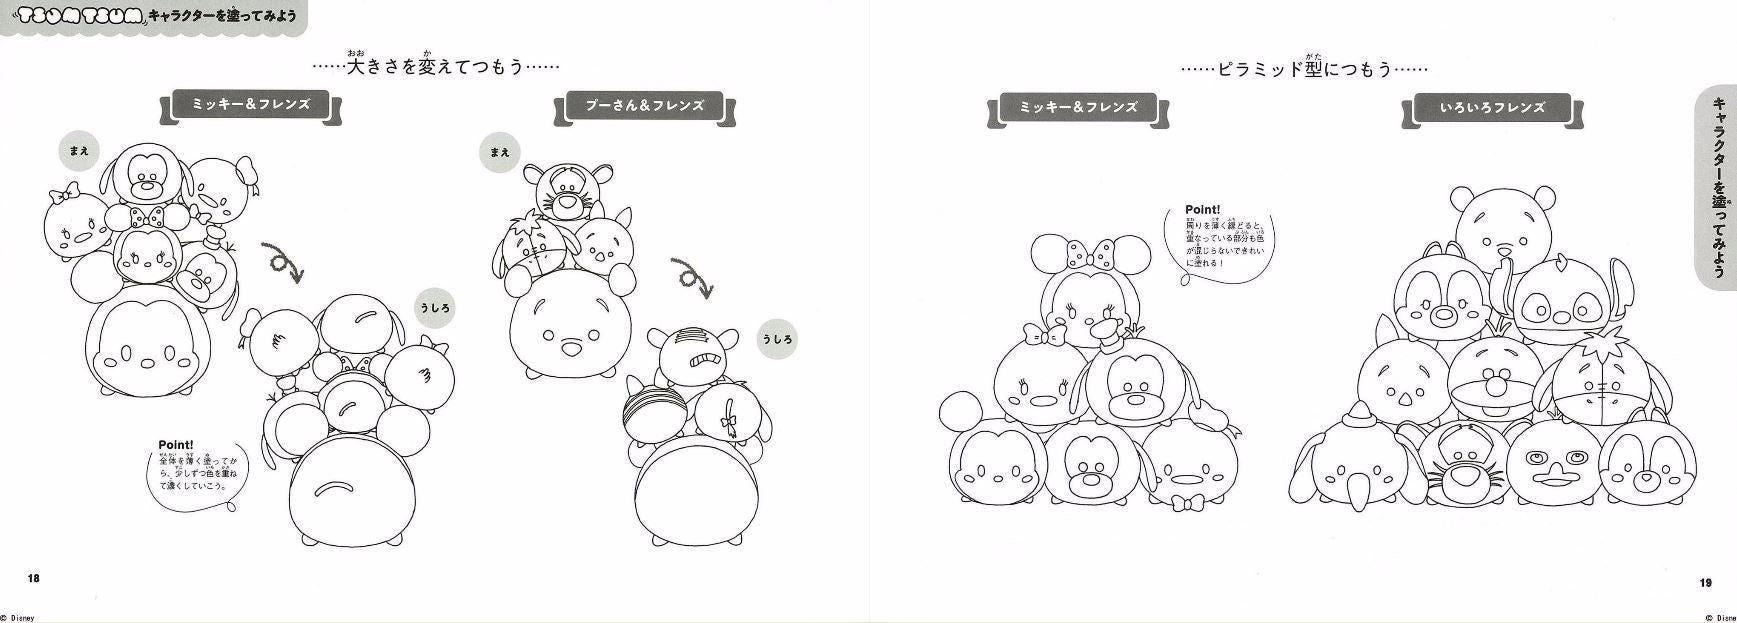 Coloring pages tsum tsum - Disney Tsum Tsum Kawaii Coloring Book Livre De Coloriage Sold By Japanpop 16 27